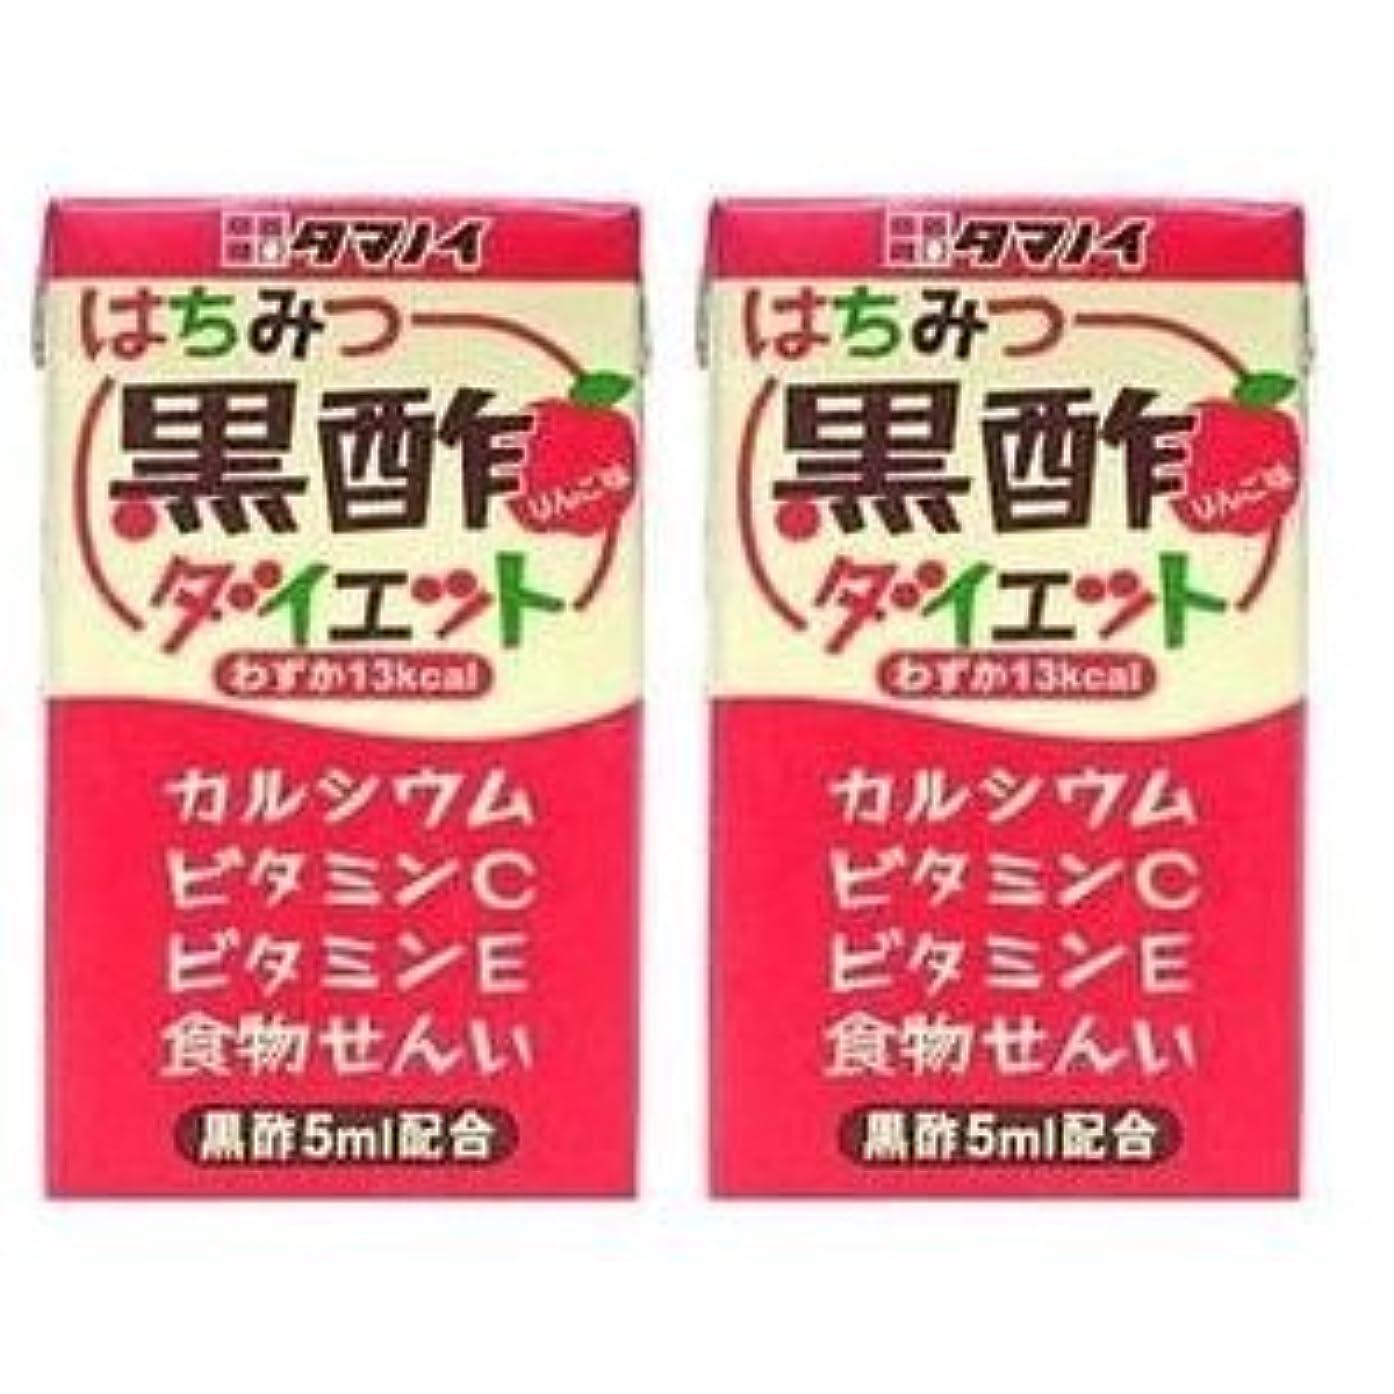 ビバトリプル冊子はちみつ黒酢ダイエットLL125ML0 タマノ井酢(株)